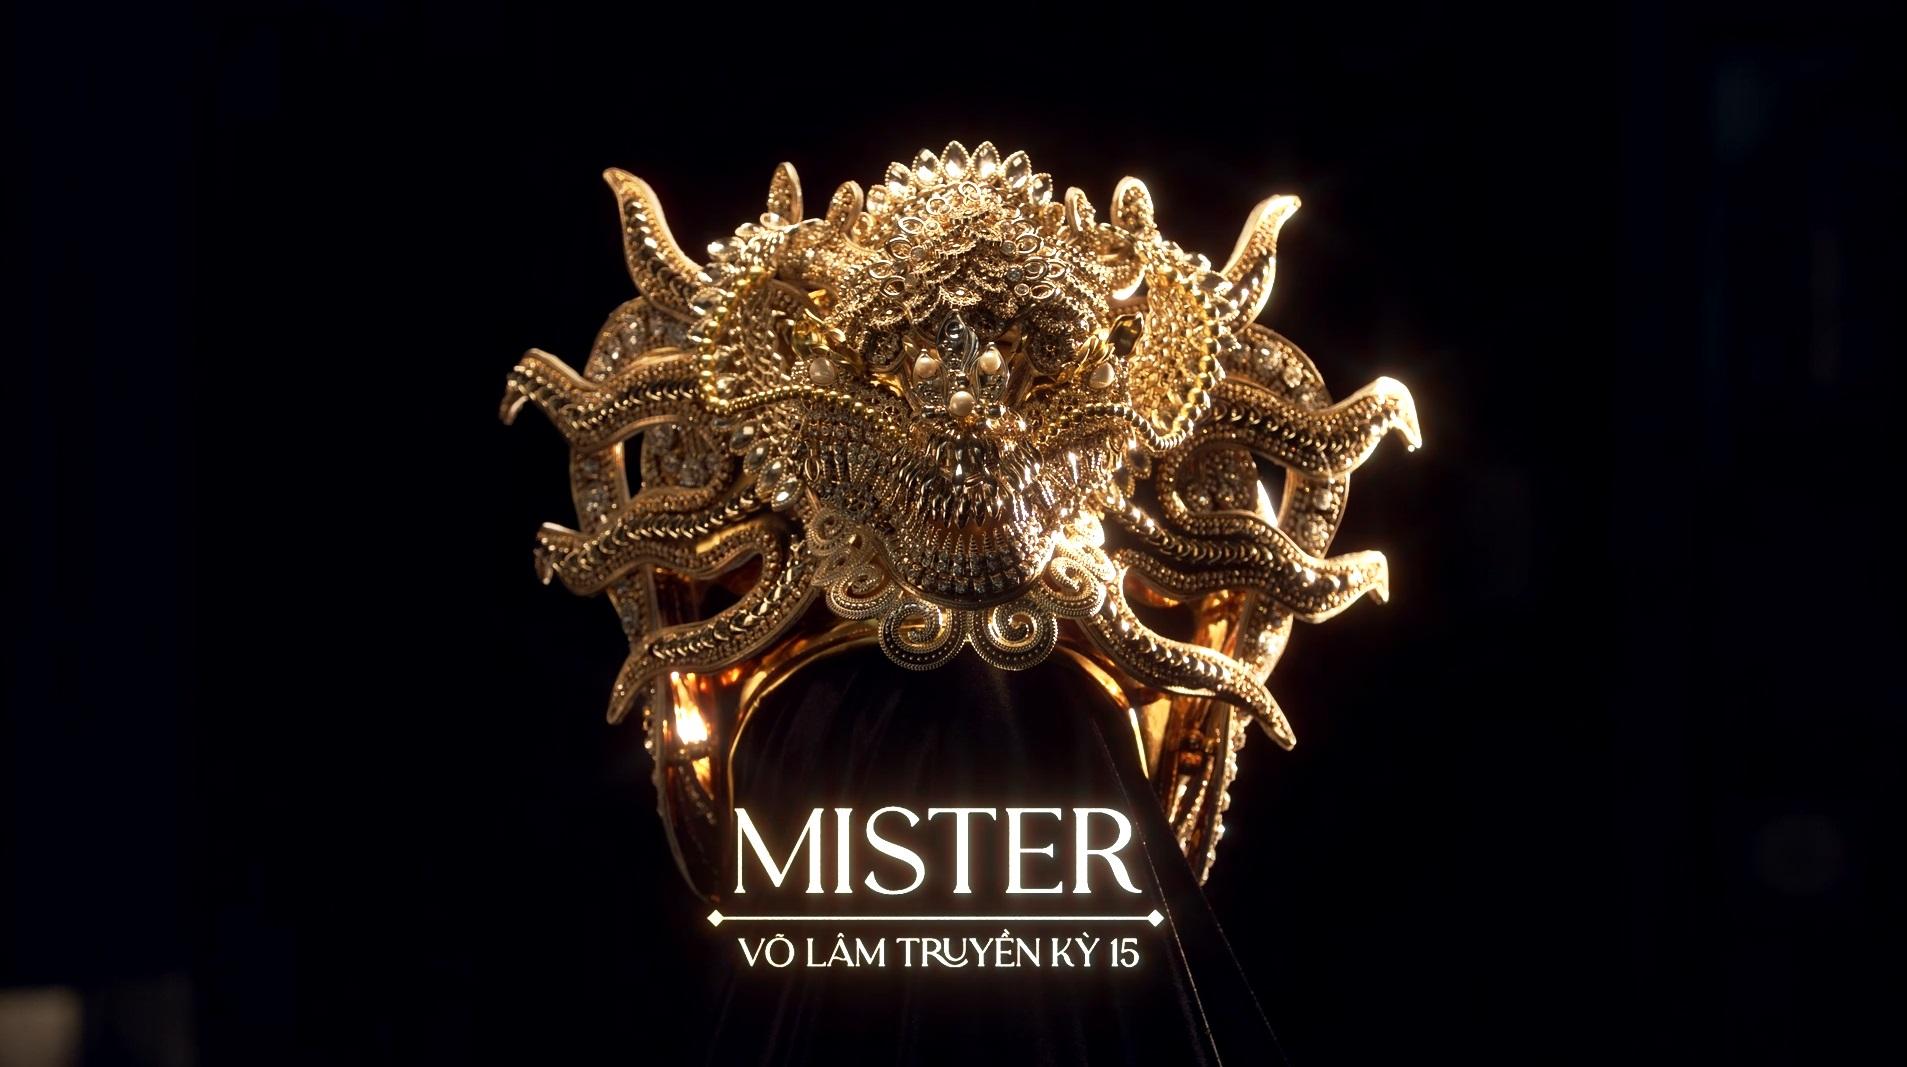 Ngỡ ngàng trước sự kỳ công của Vương miện và Quyền trượng dành cho Quán quân Miss & Mister VLTK 15